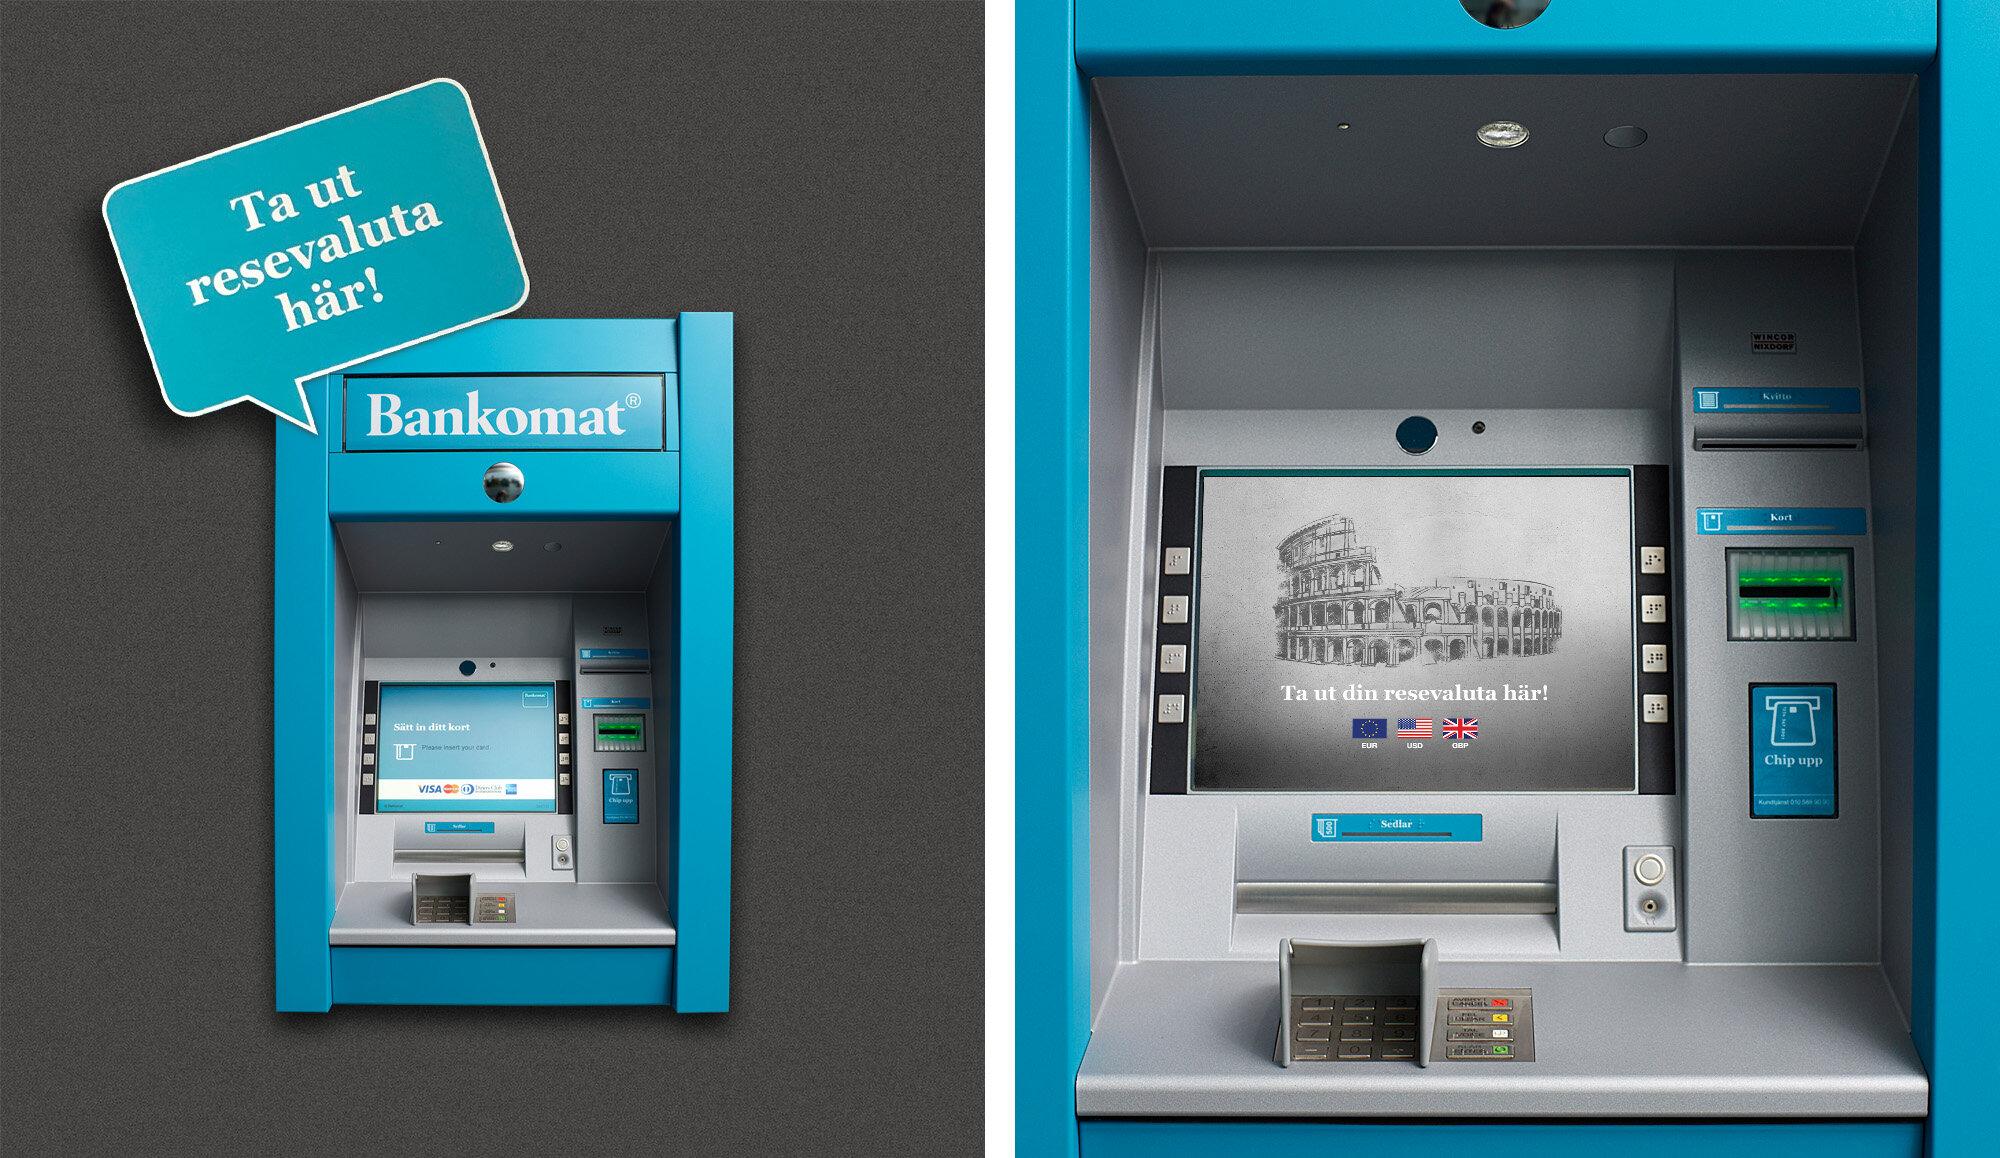 Kampanjen syntes i och vid uttagningsautomaterna.